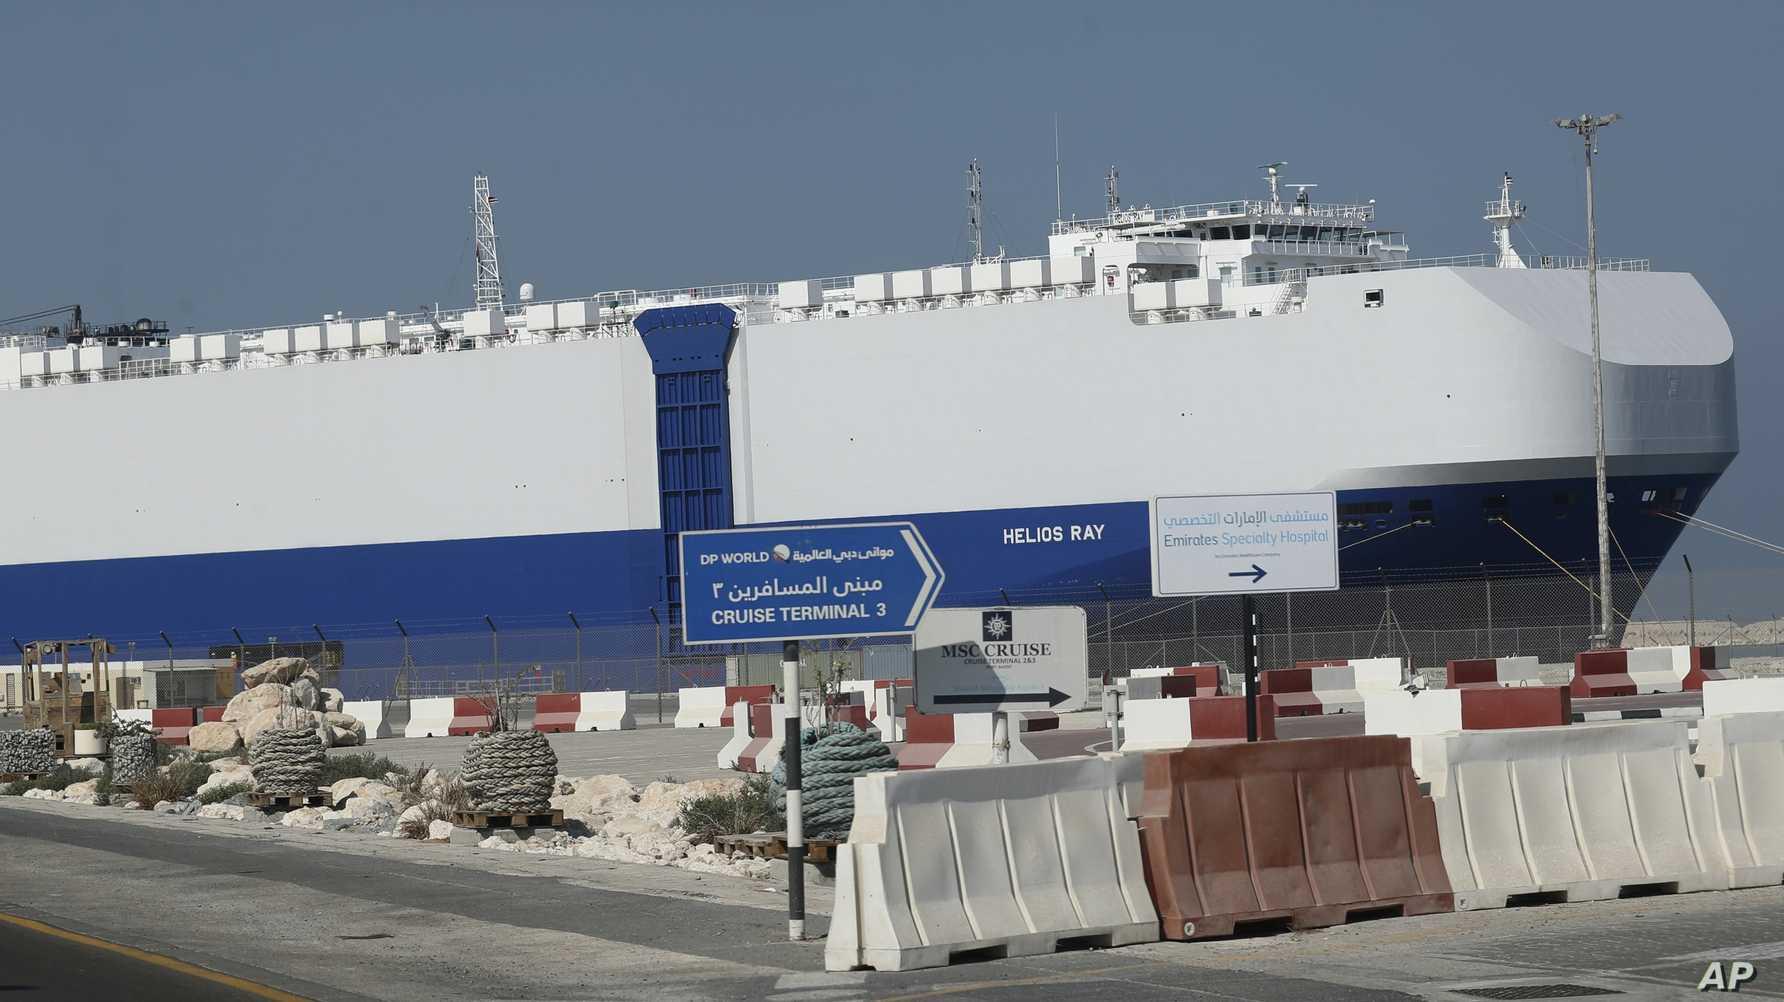 حرب الناقلات.. هجمات شهدتها السفن في الخليج منذ 2019